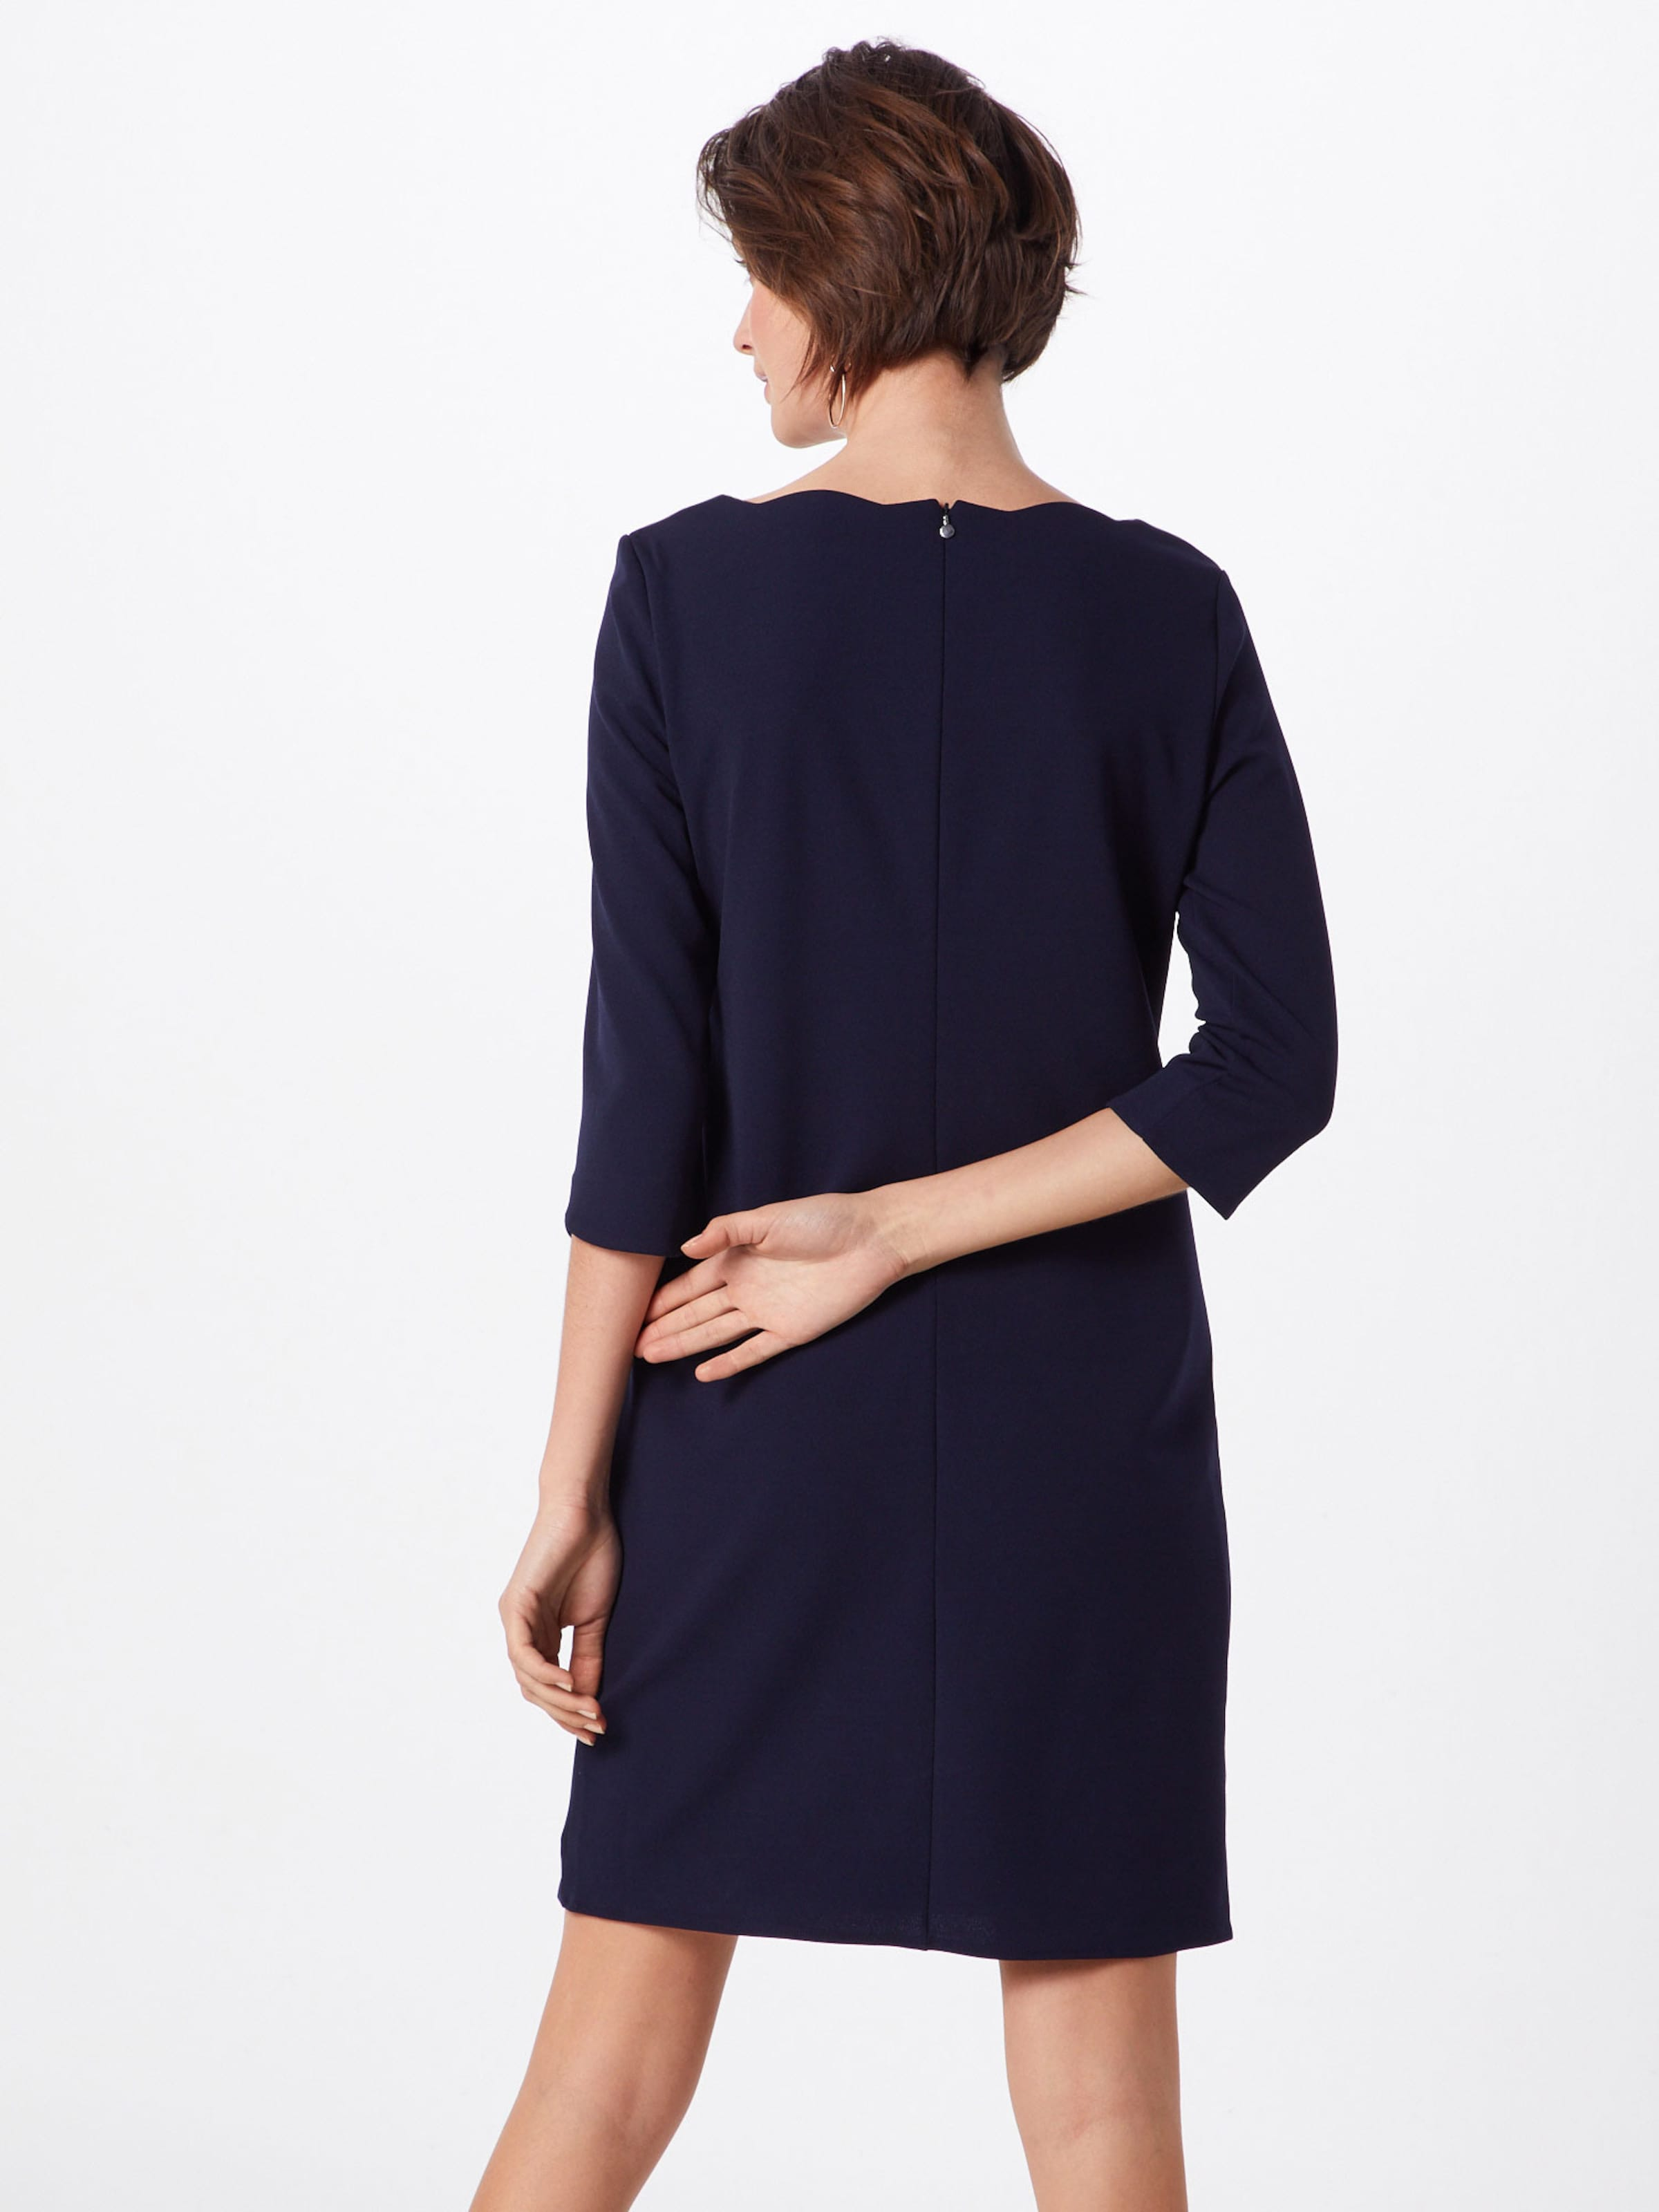 Bleu Nuit Black Robe Fourreau Kurz' Label En 'kleid S oliver A4Rj53L